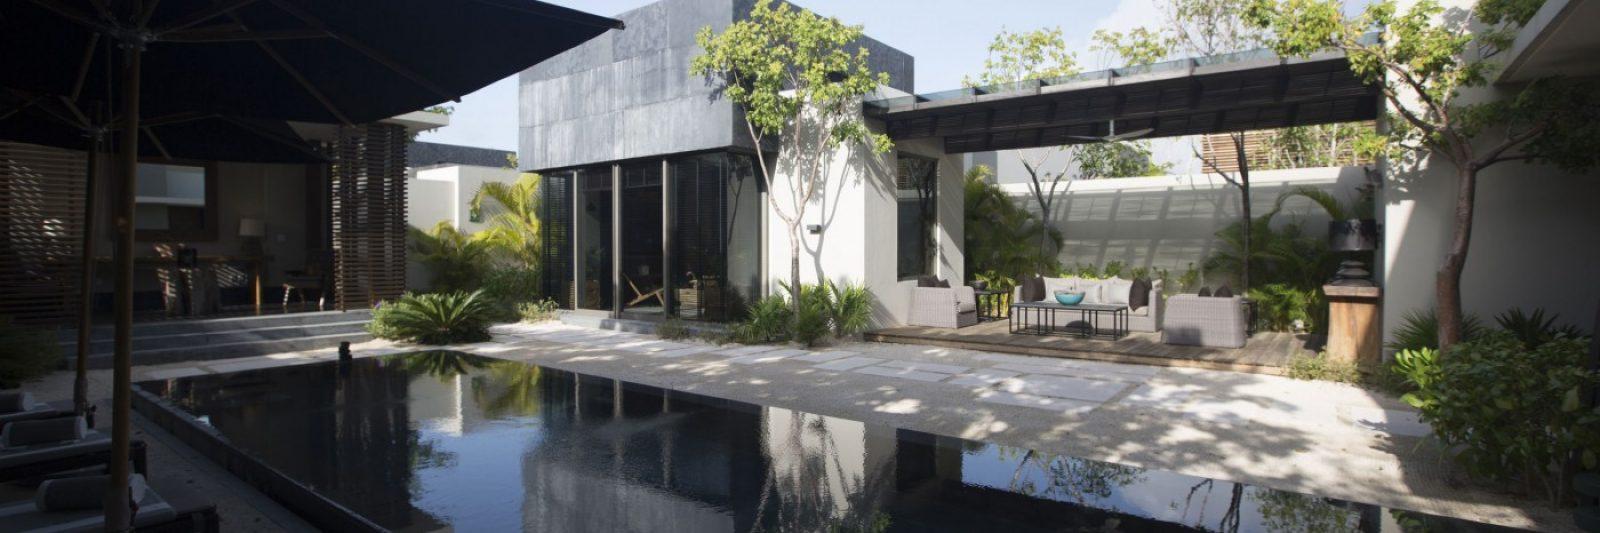 Nizuc Luxury Villas at Nizuc Cancun